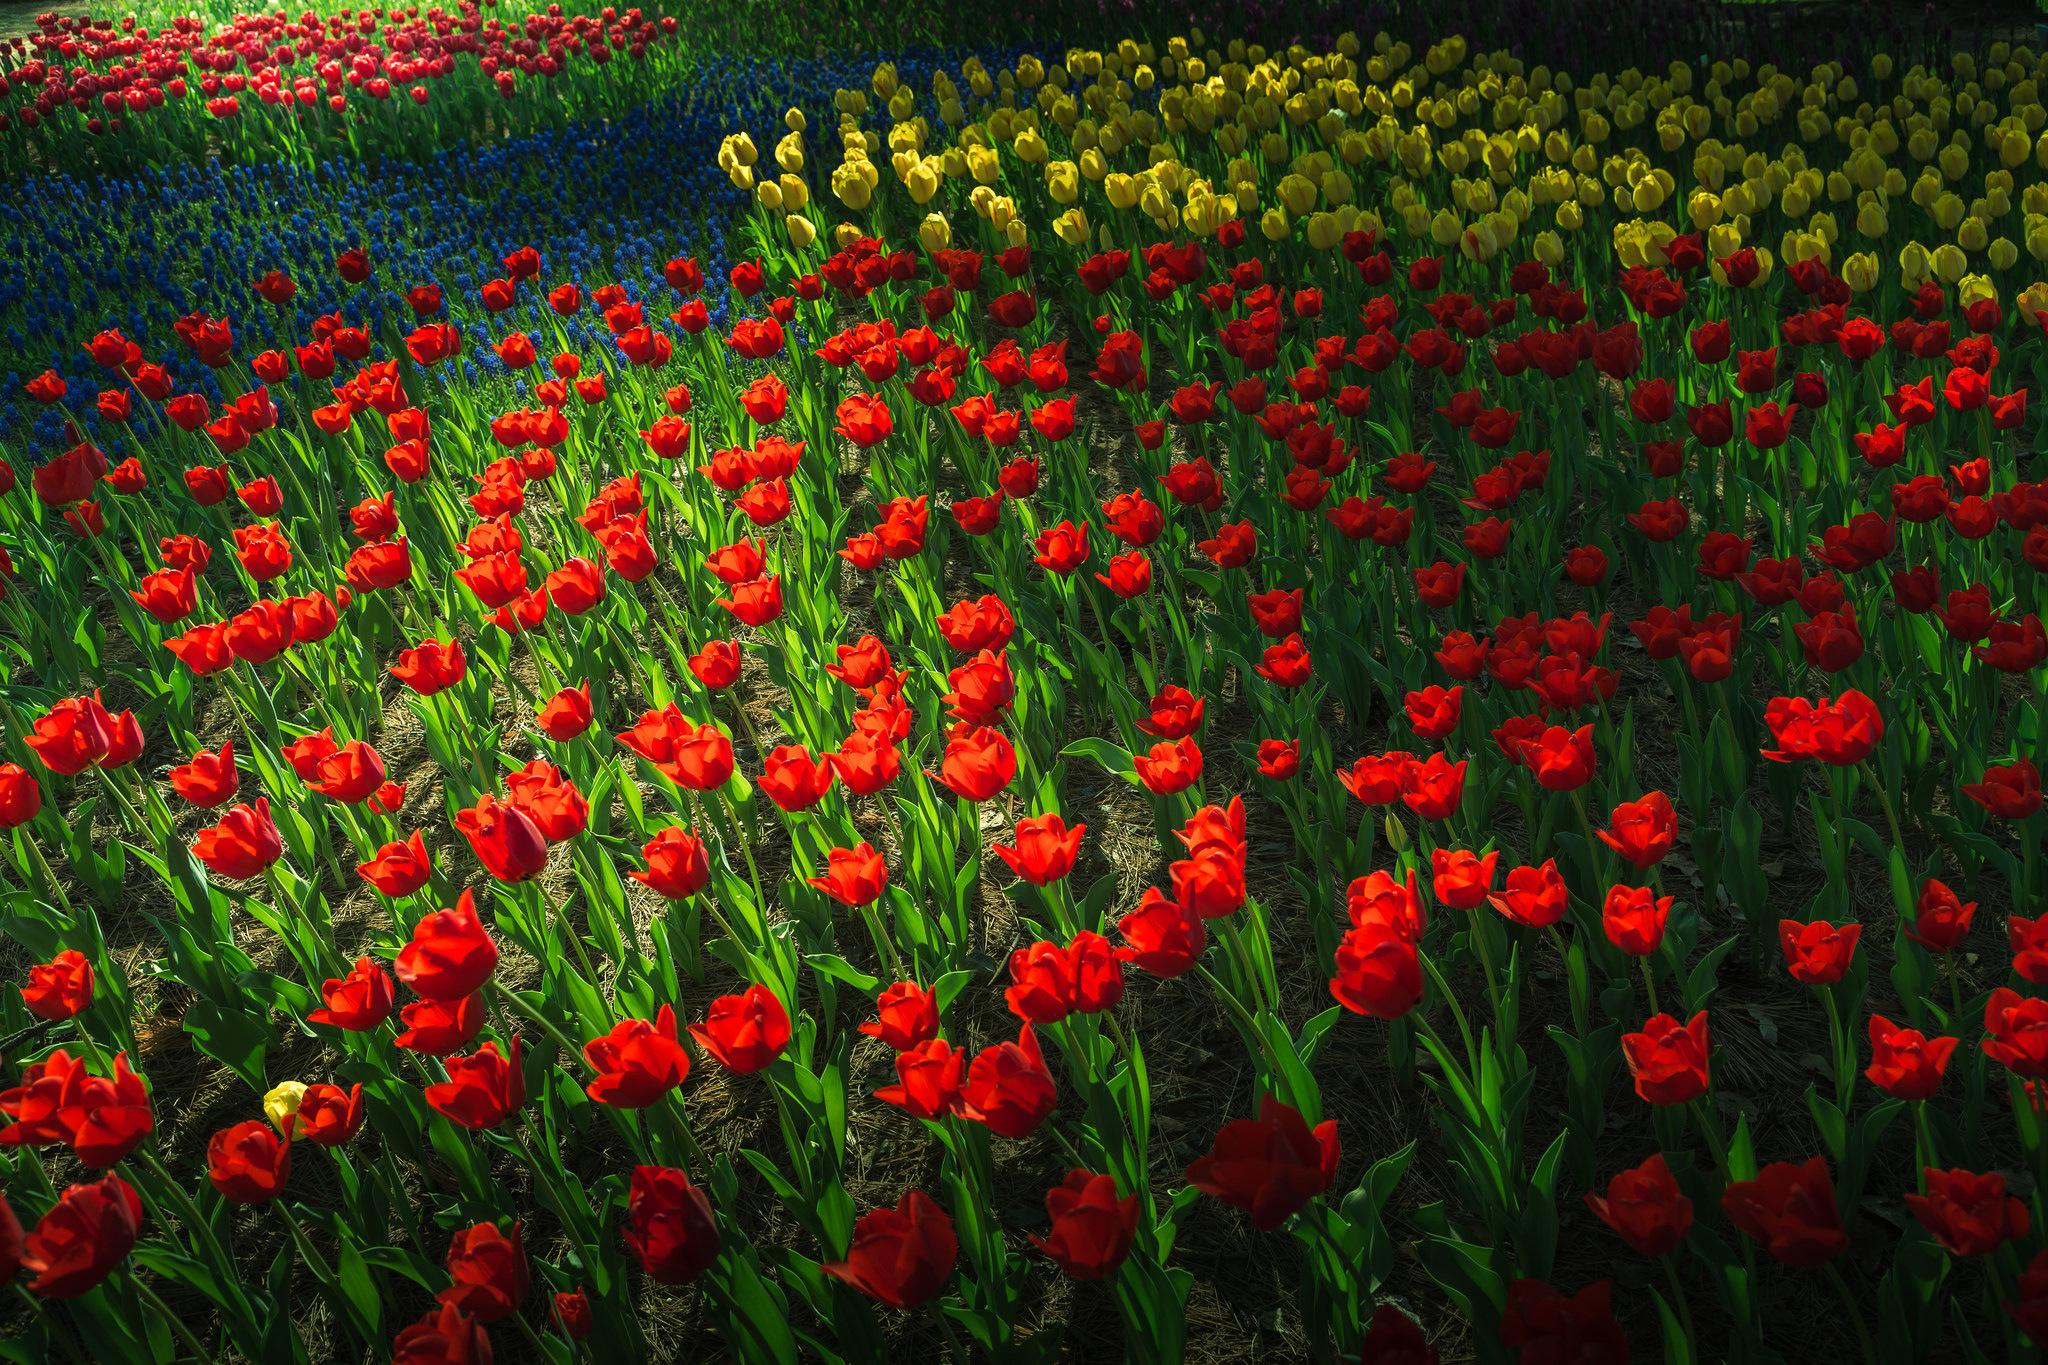 wallpapers blumen park garten fr hling tulpen f r desktop 86575. Black Bedroom Furniture Sets. Home Design Ideas